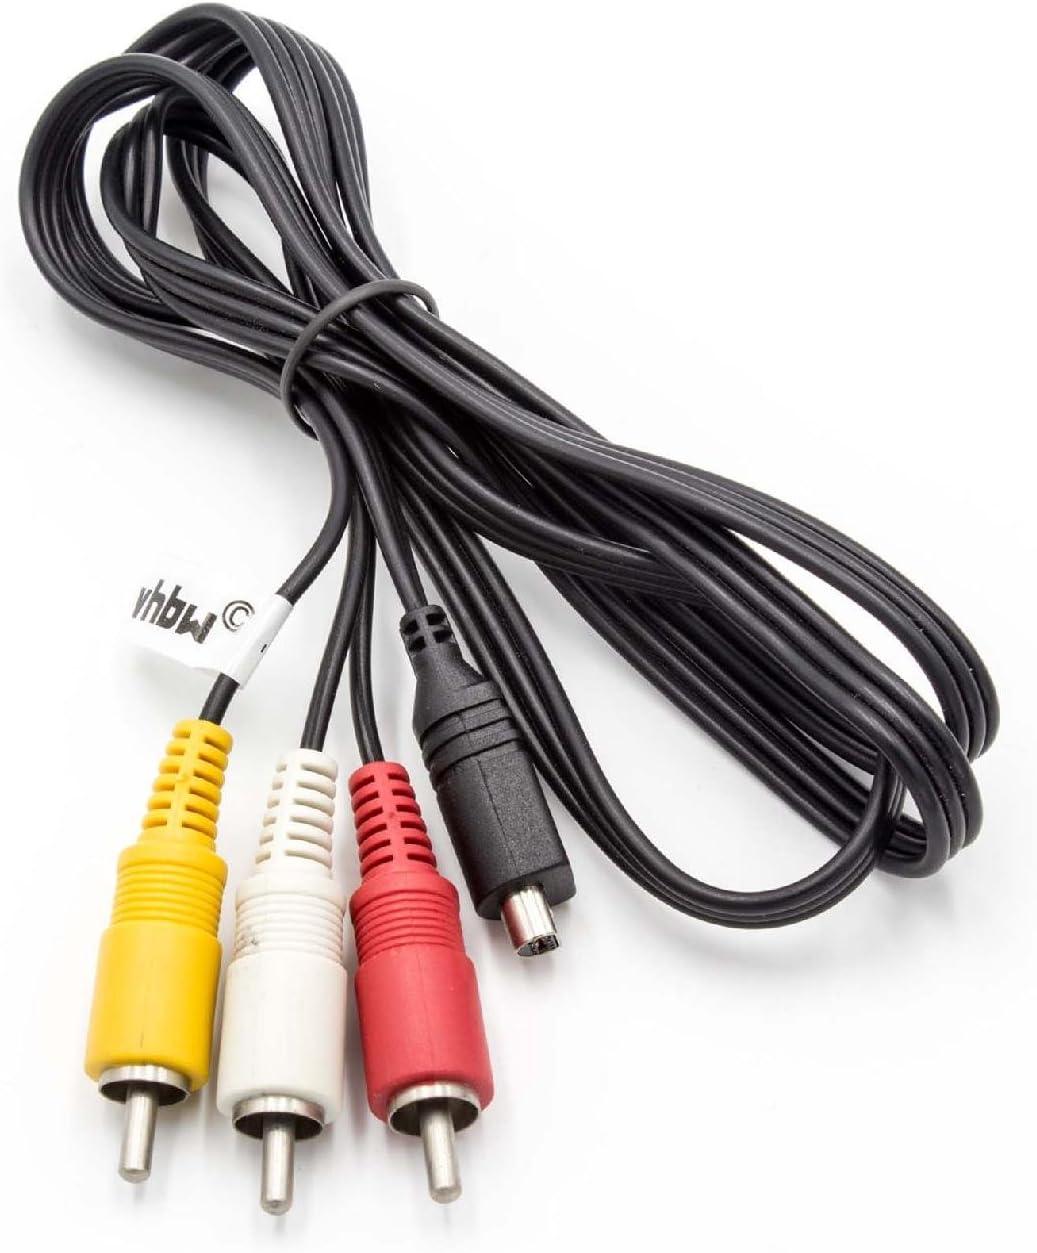 VMC-30FS CABLE AV PARA CAMARAS SONY Serie DCR-HC; para reemplazo de cables modelos VMC-15FS+S